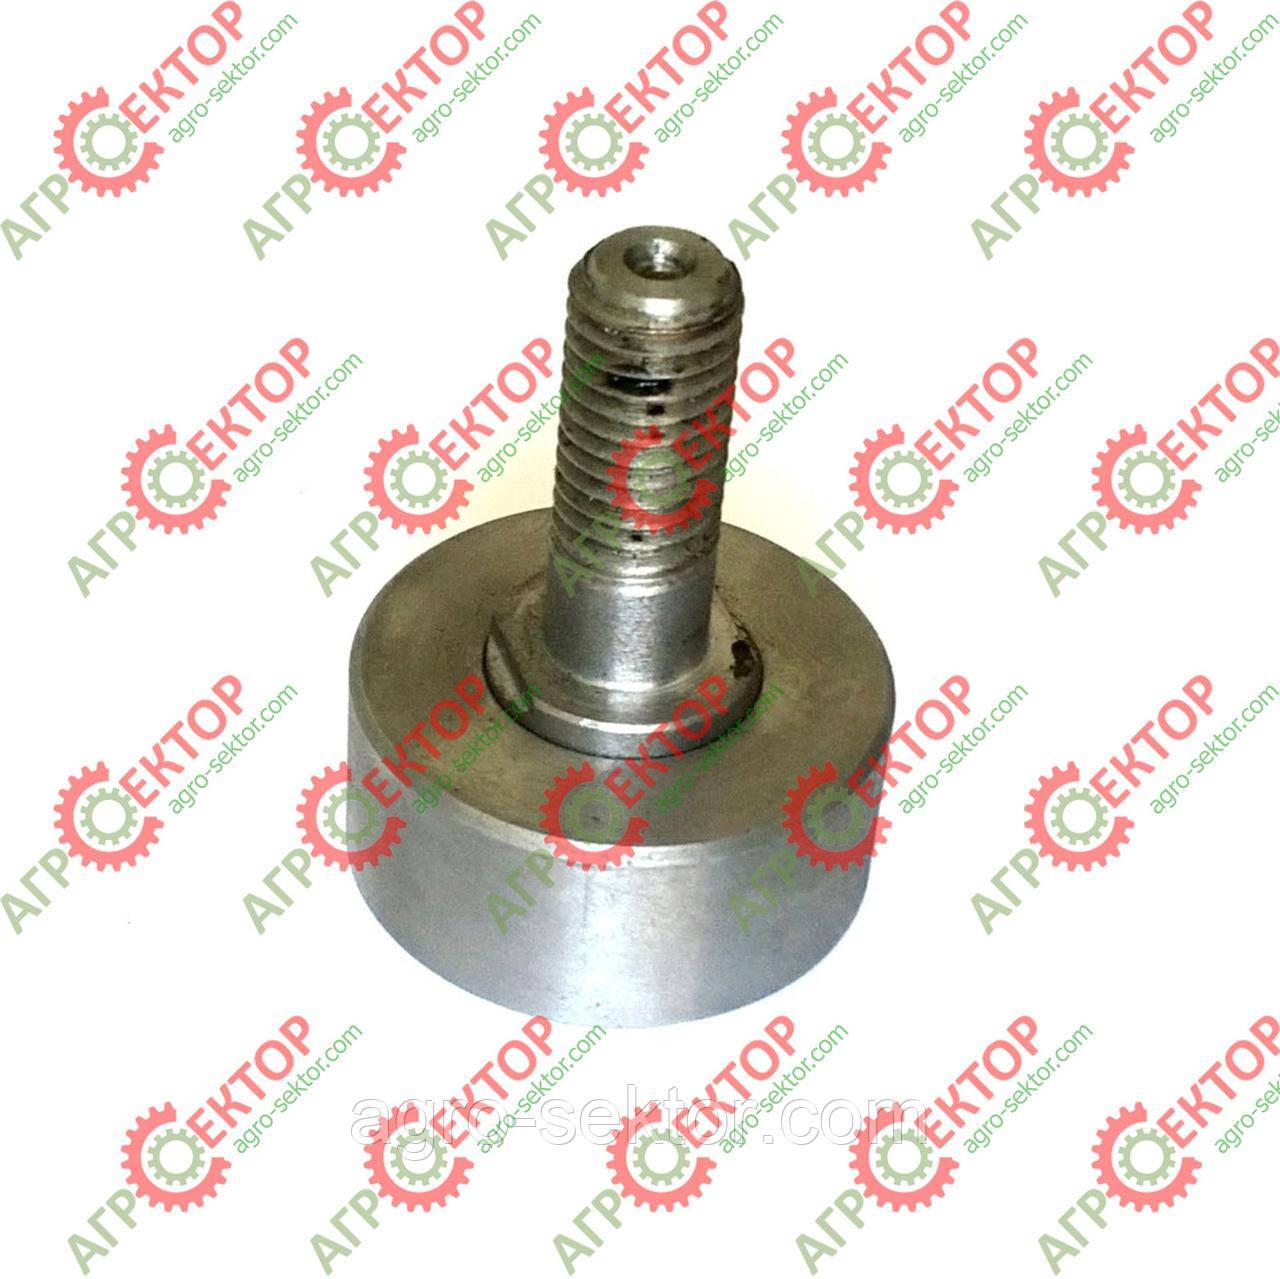 Палець c роликом механізму включення вязалки прес-підбирача Famarol Z-511 8245-511-008-8245-511-008-056 аналог